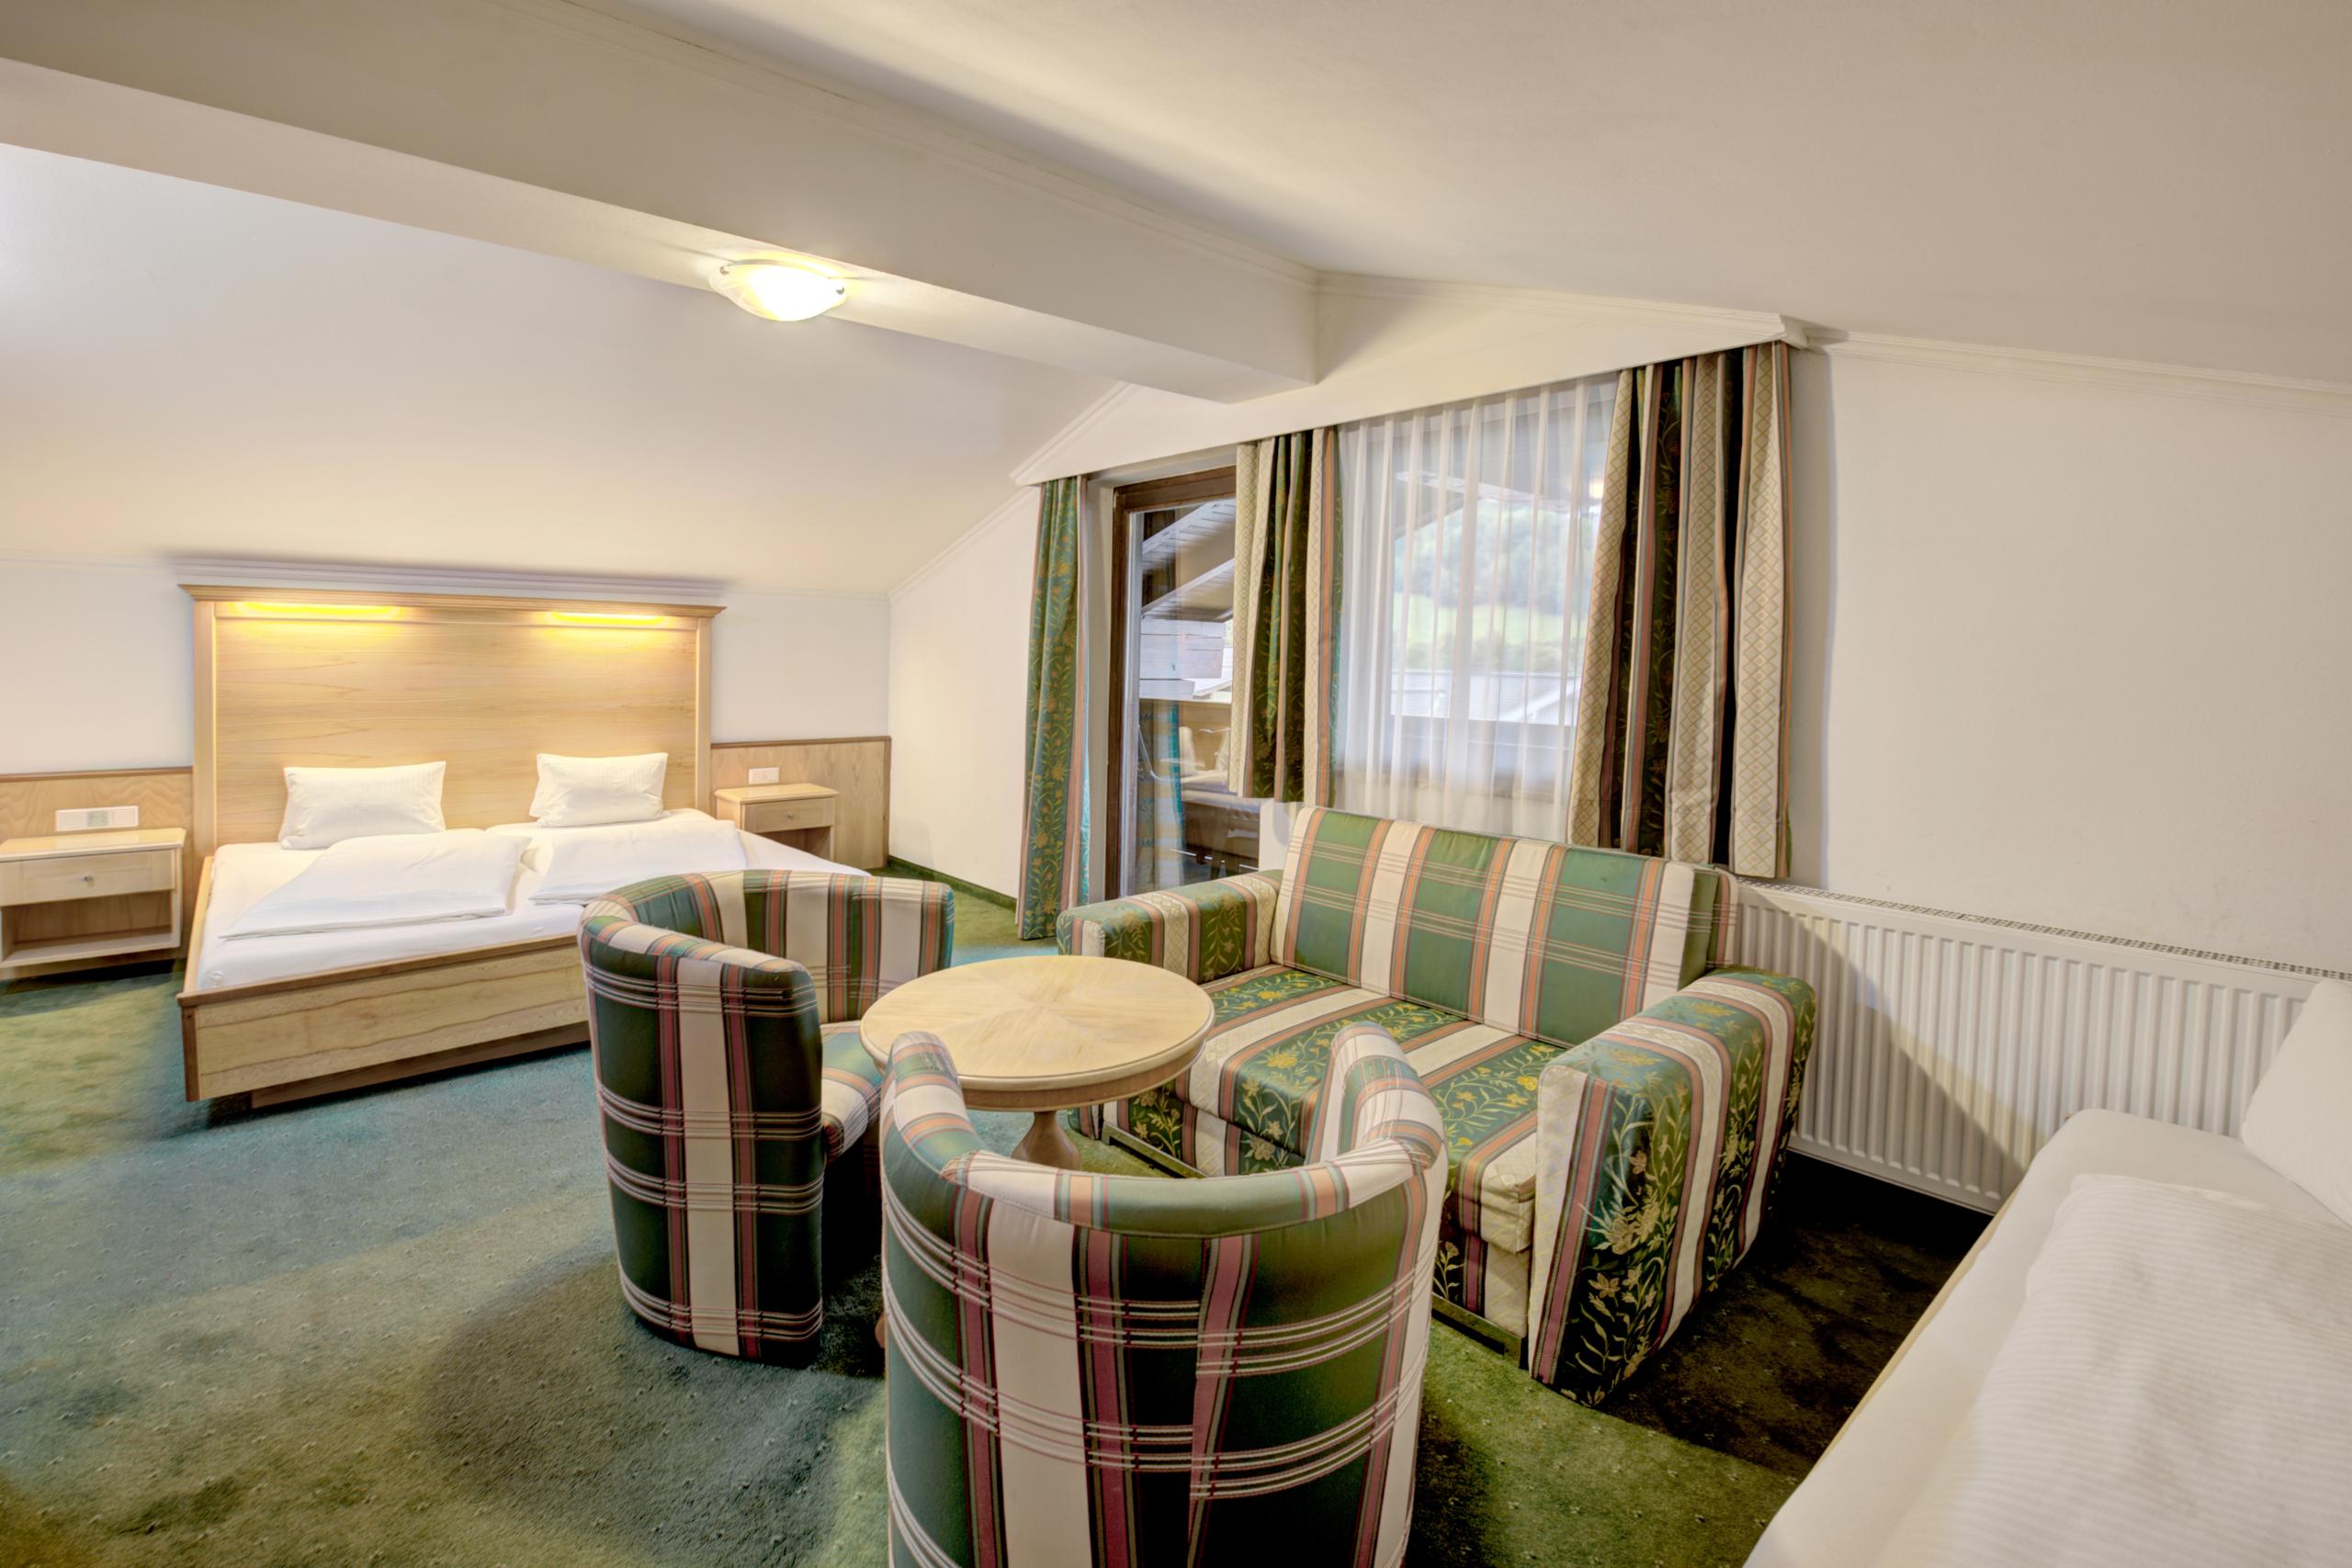 Hotel Martini Familienzimmer mit Sitzecke